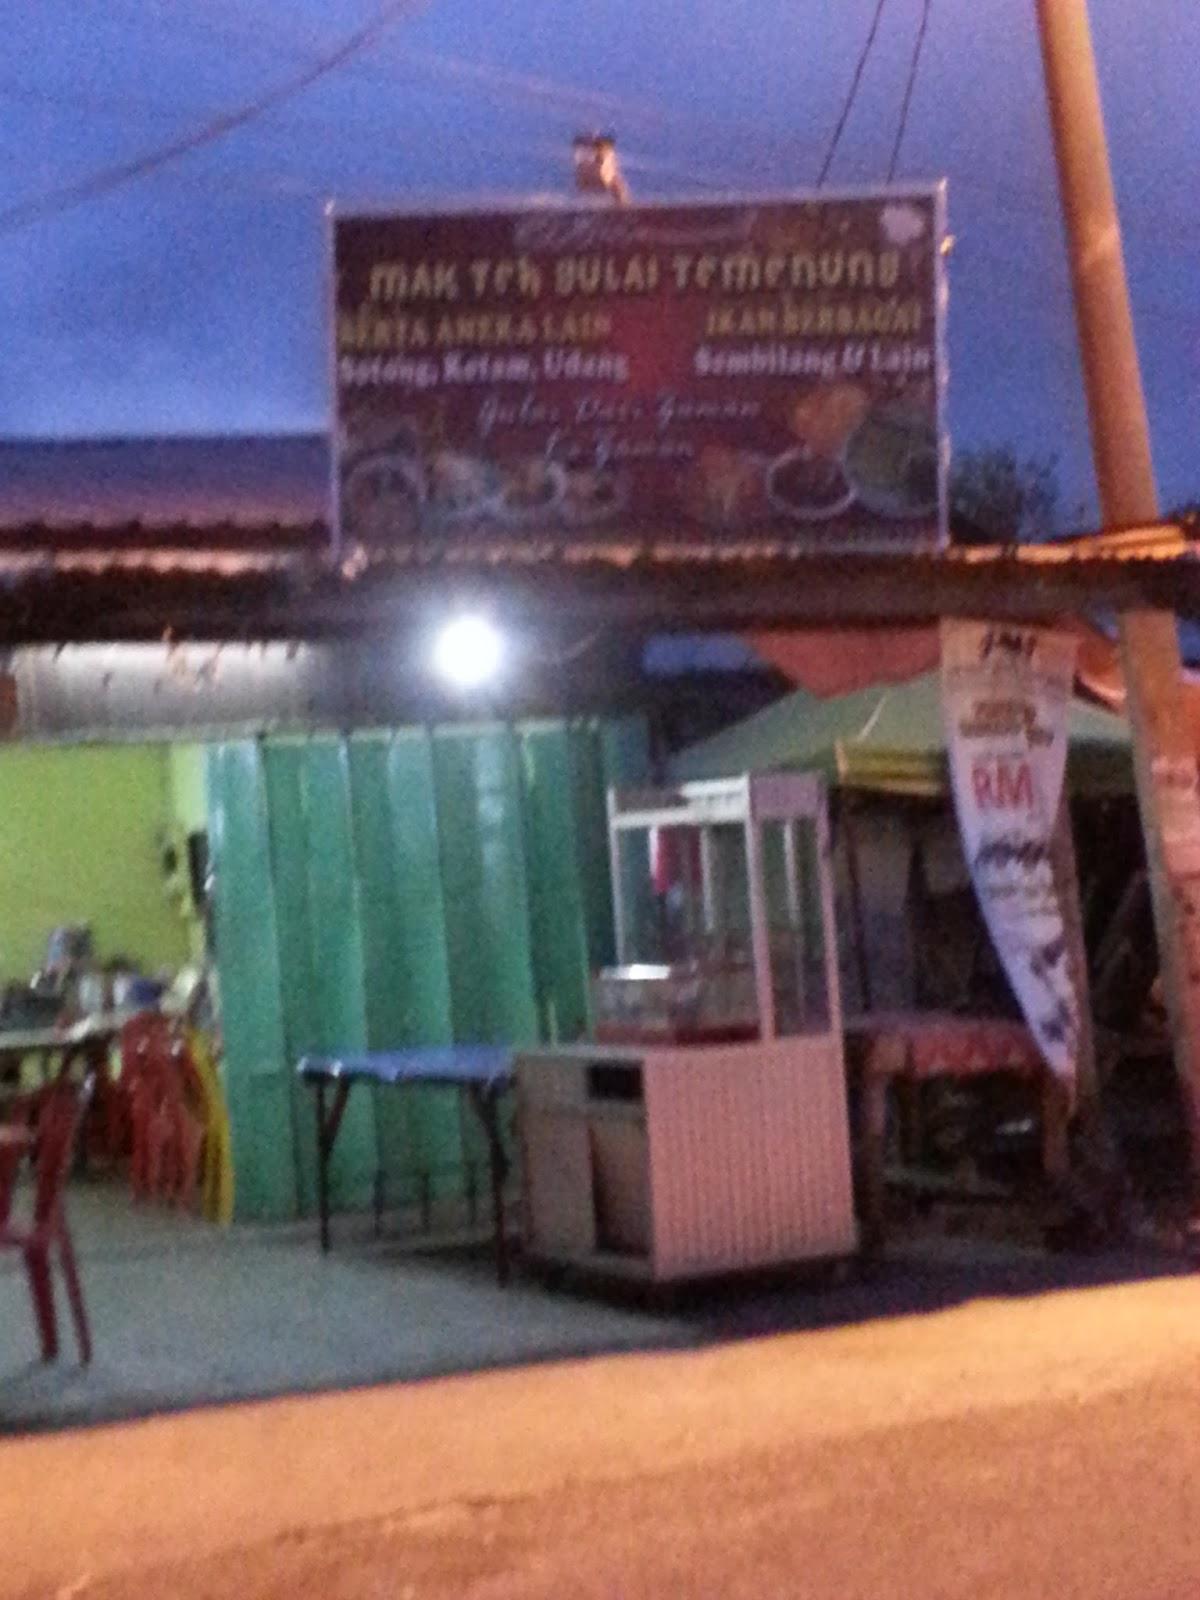 Jom Pekena Gulai Ikan Temenung Mak Teh Kuala Sanglang